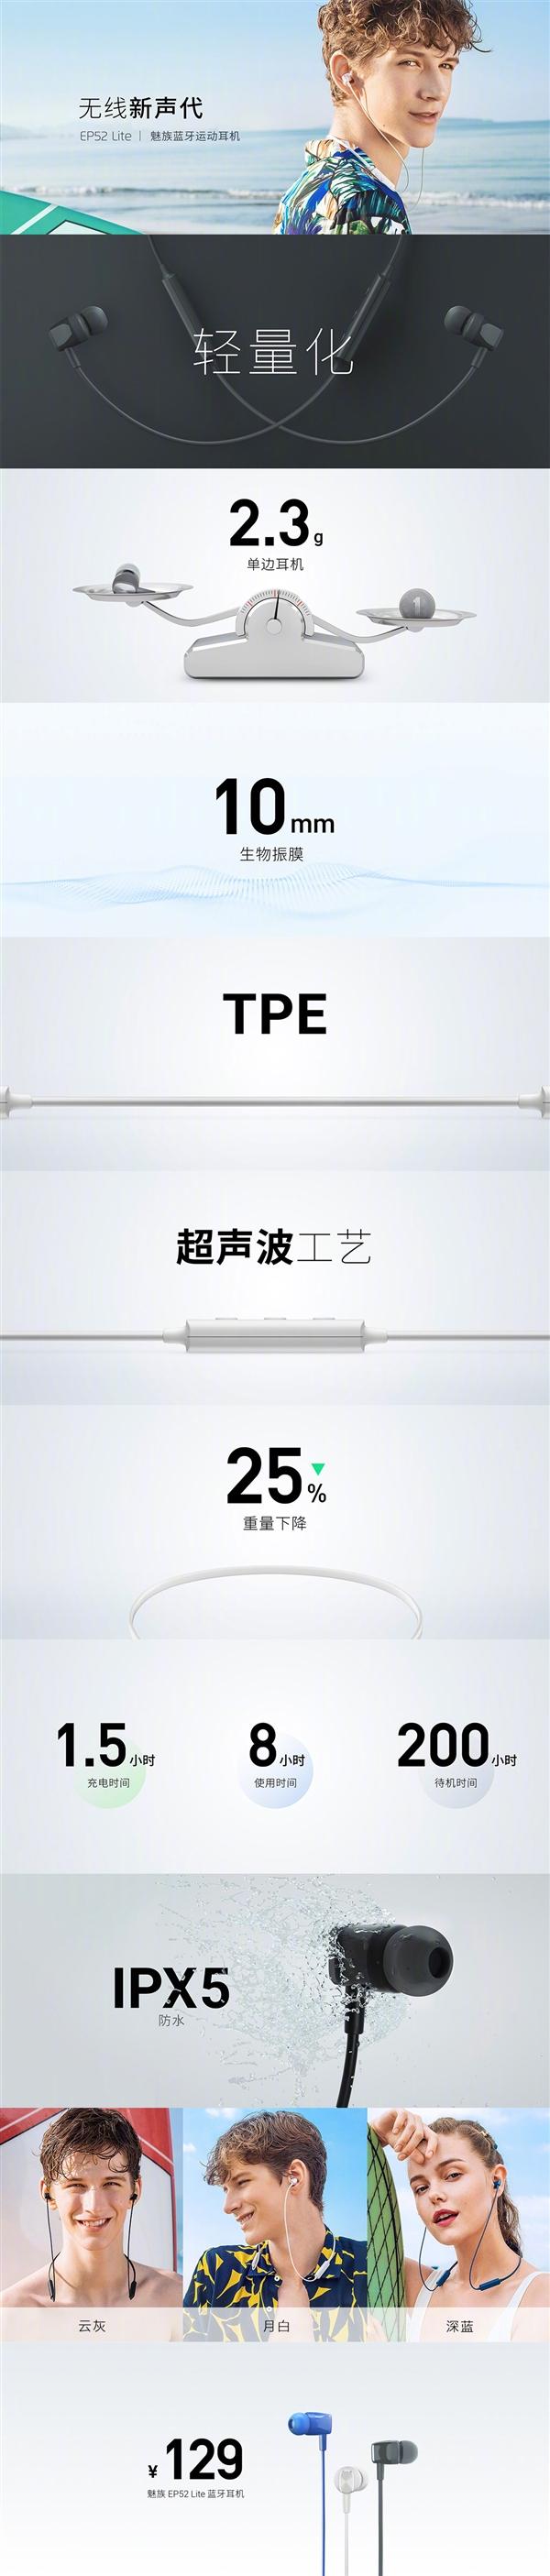 魅族EP52 Lite运动蓝牙耳机发布:仅129元